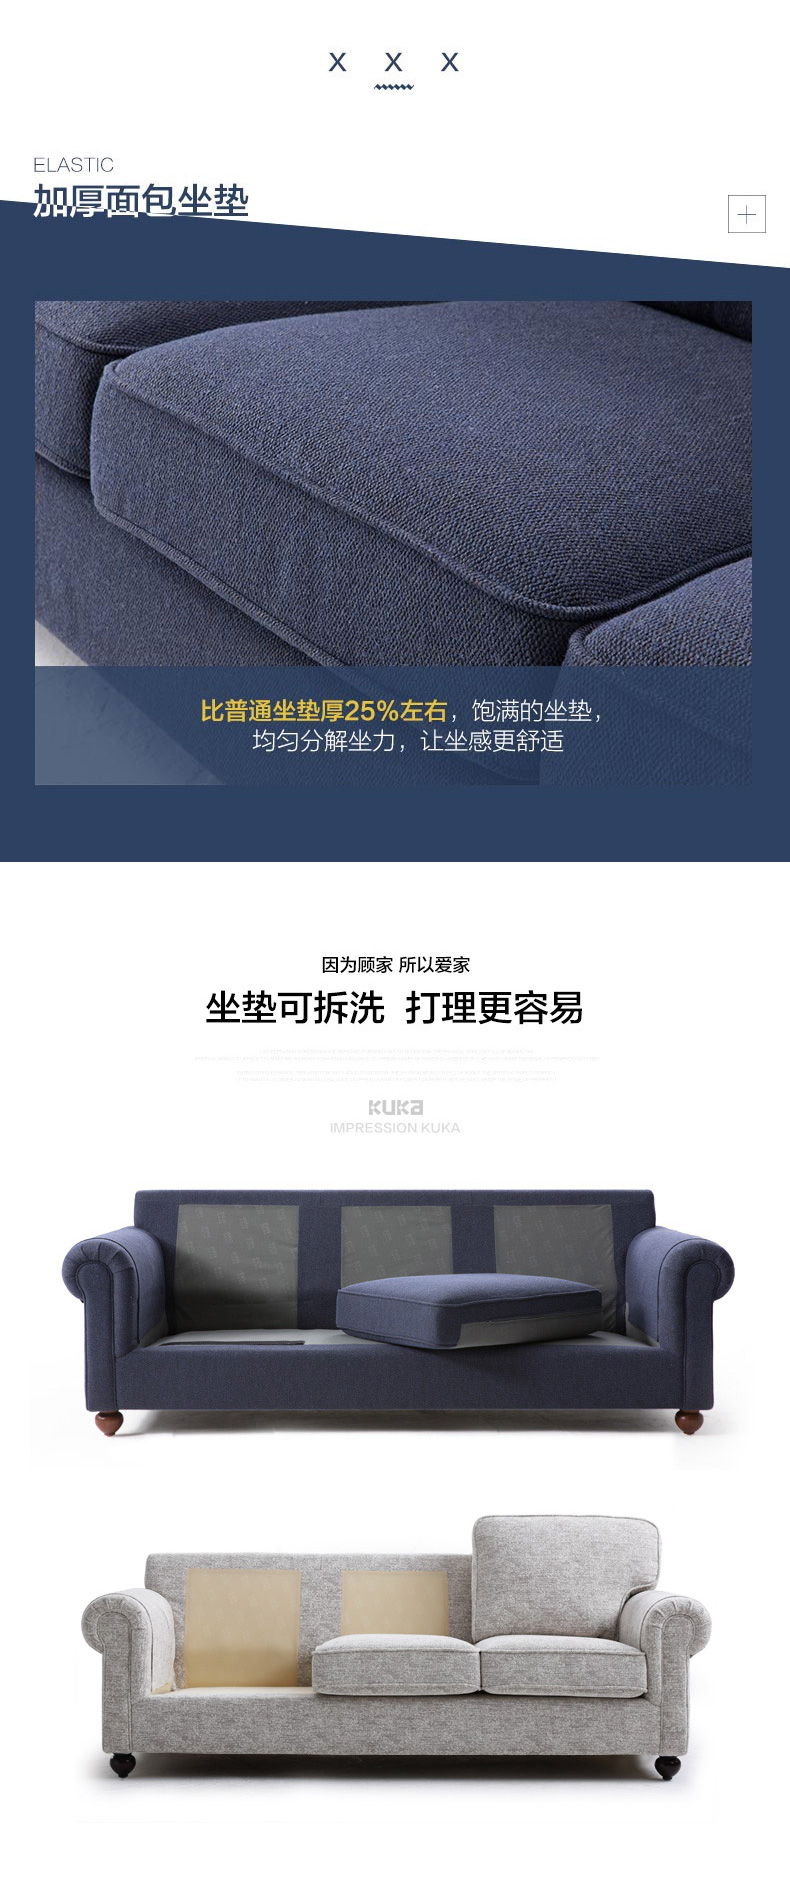 顾家-简约美式可拆洗布艺沙发2030_05.jpg